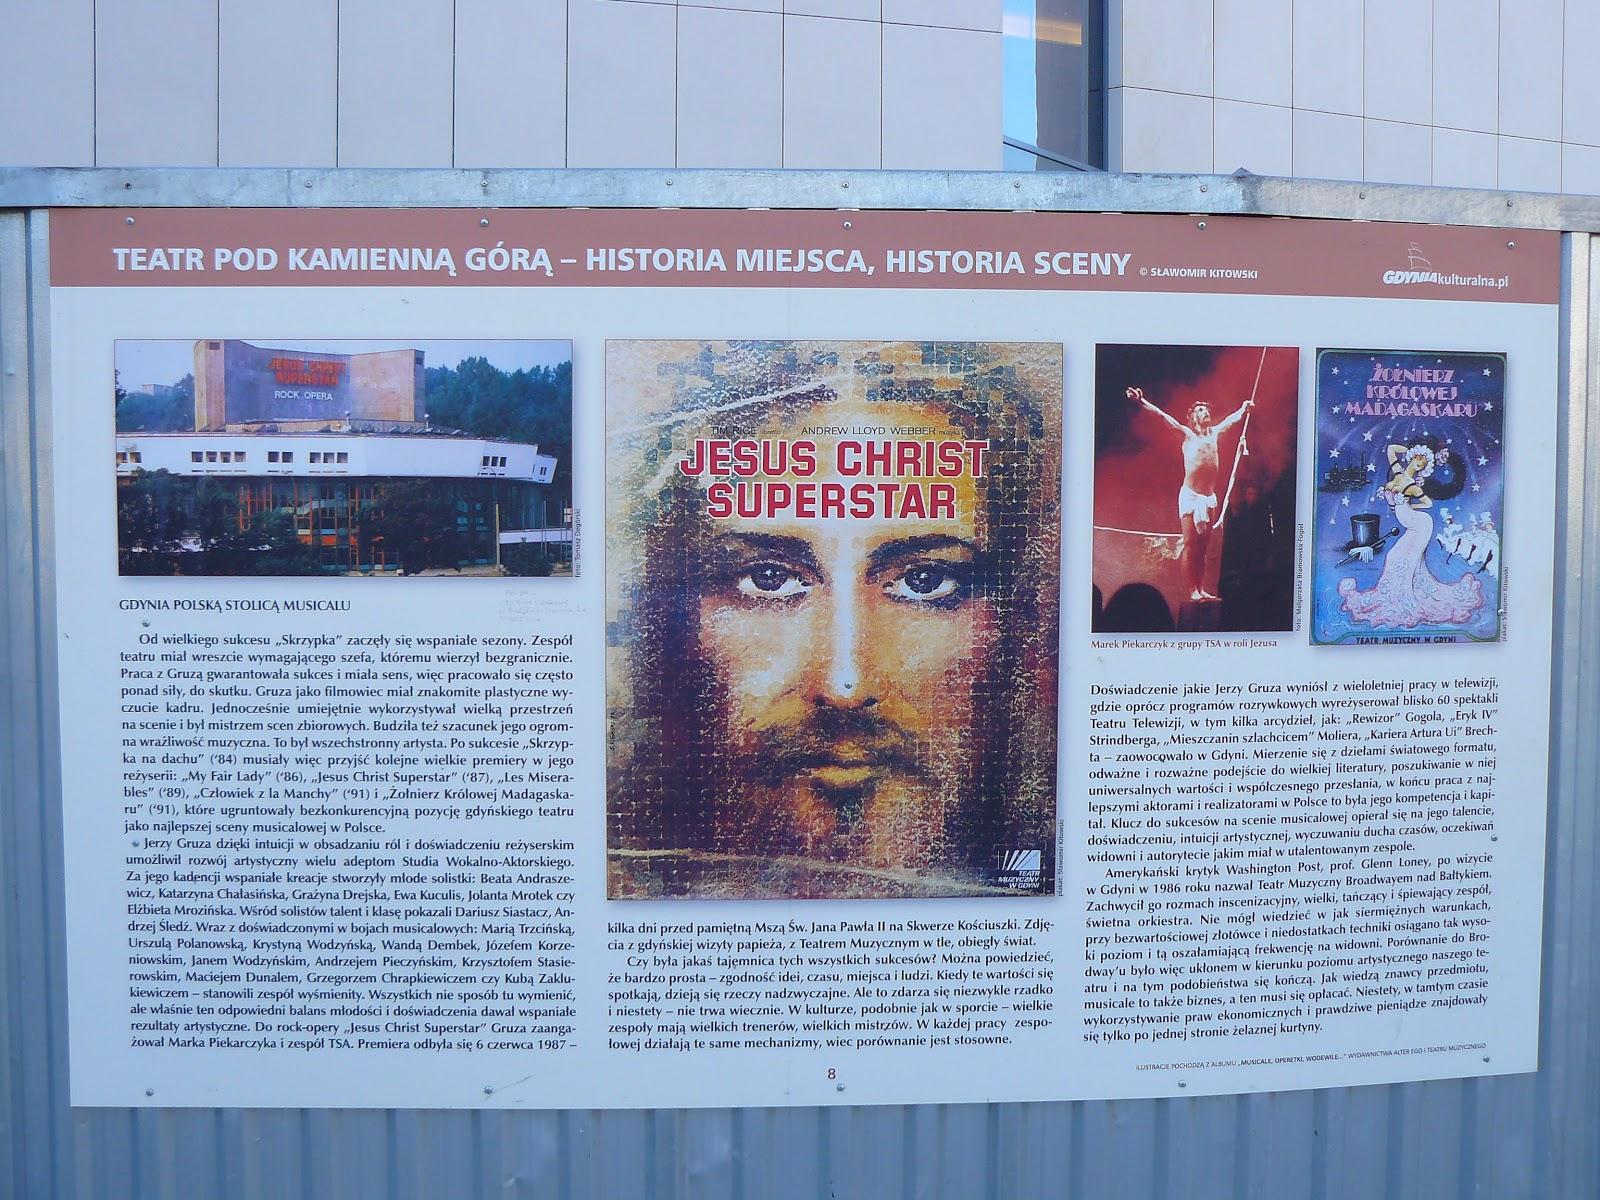 скачать бесплатно mp3 рок опера иисус христос